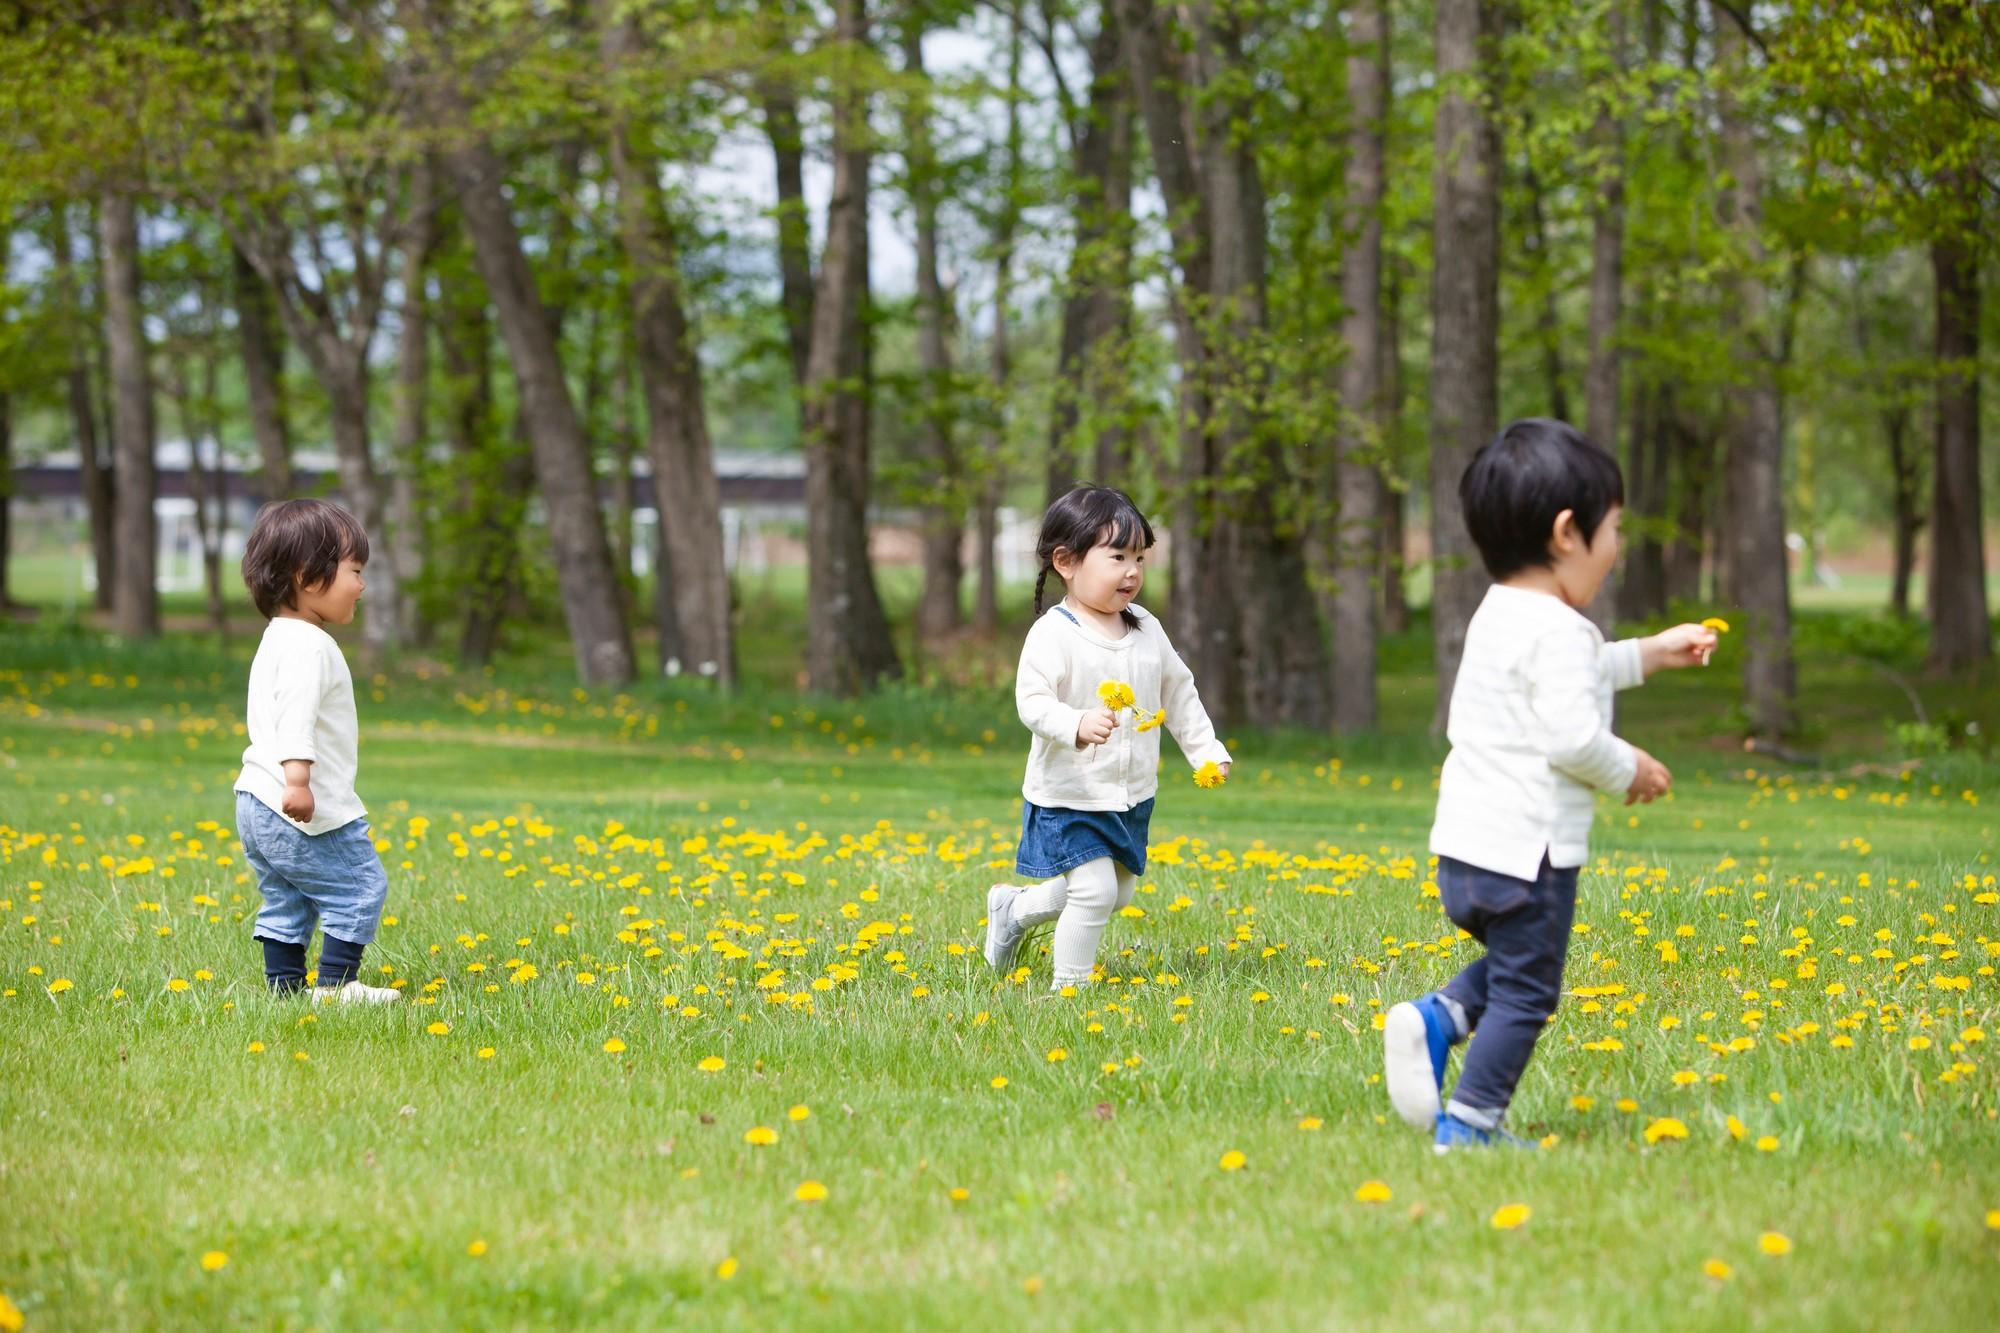 子供が遊んでいる写真です。